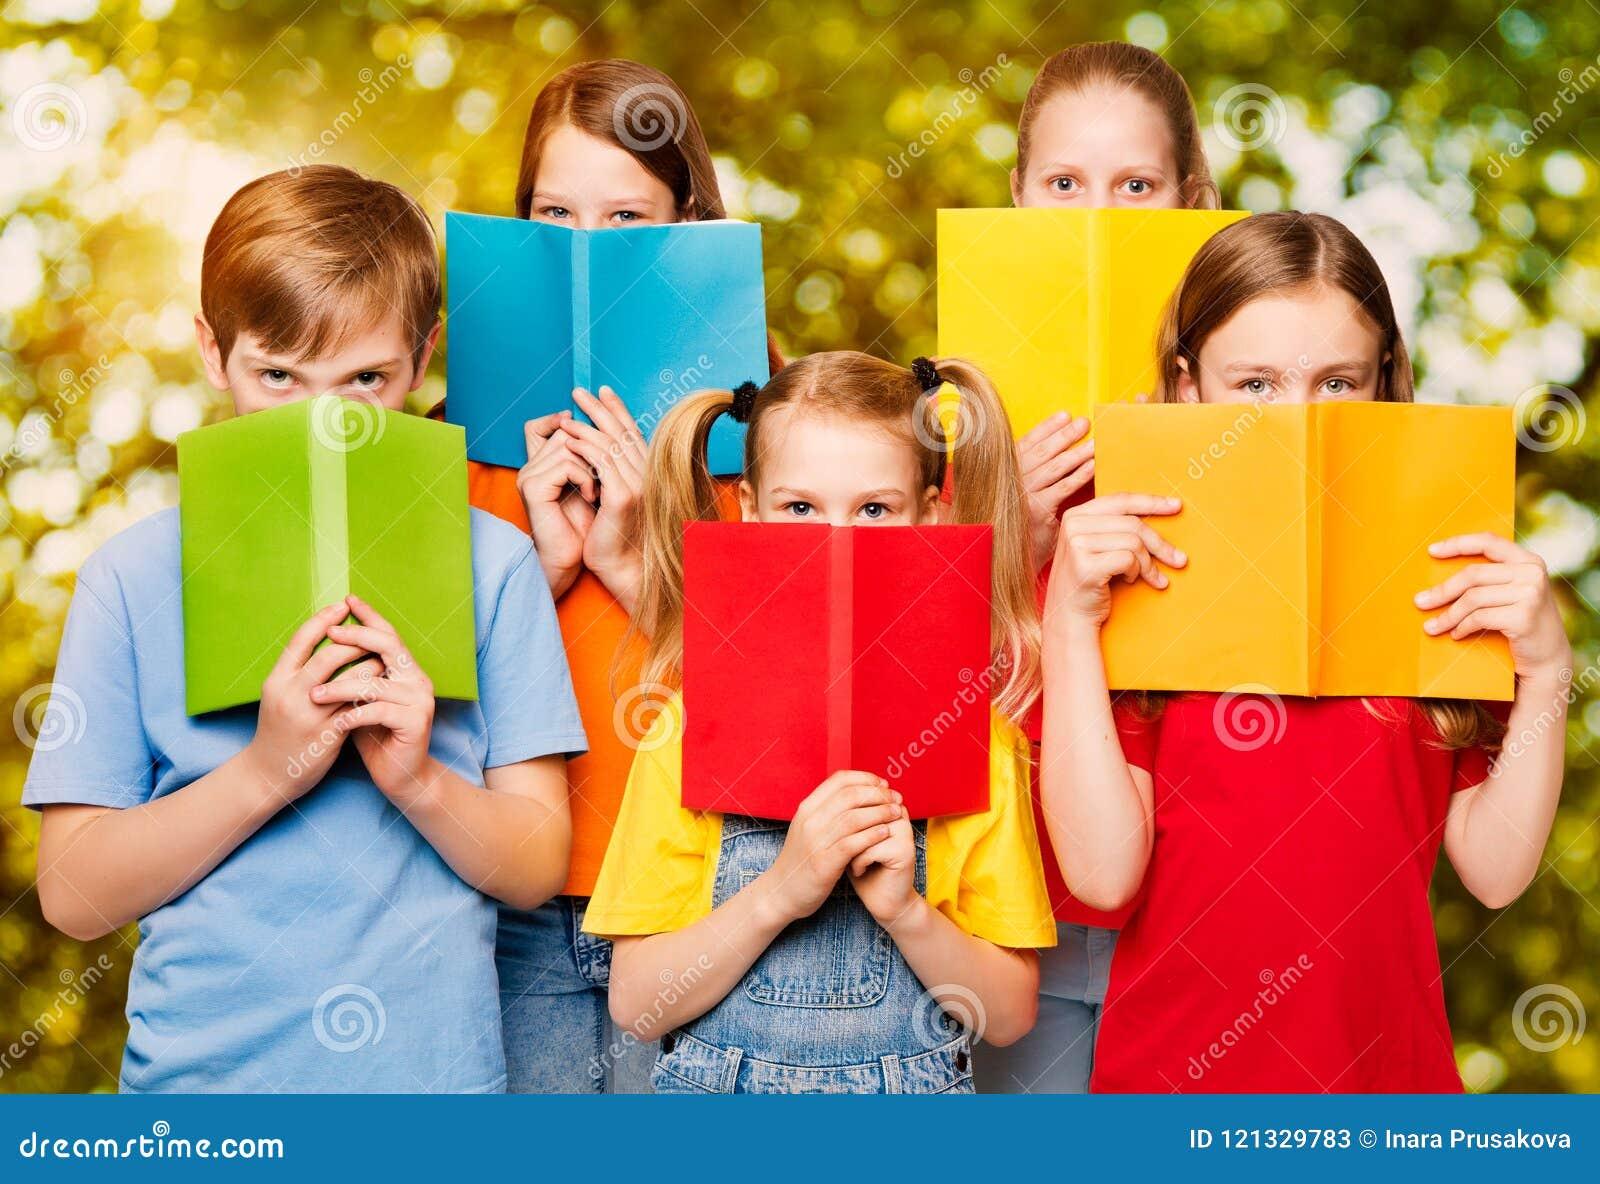 Kinder lasen Bücher, Gruppe Kinderaugen hinter offenem leerem Buch C